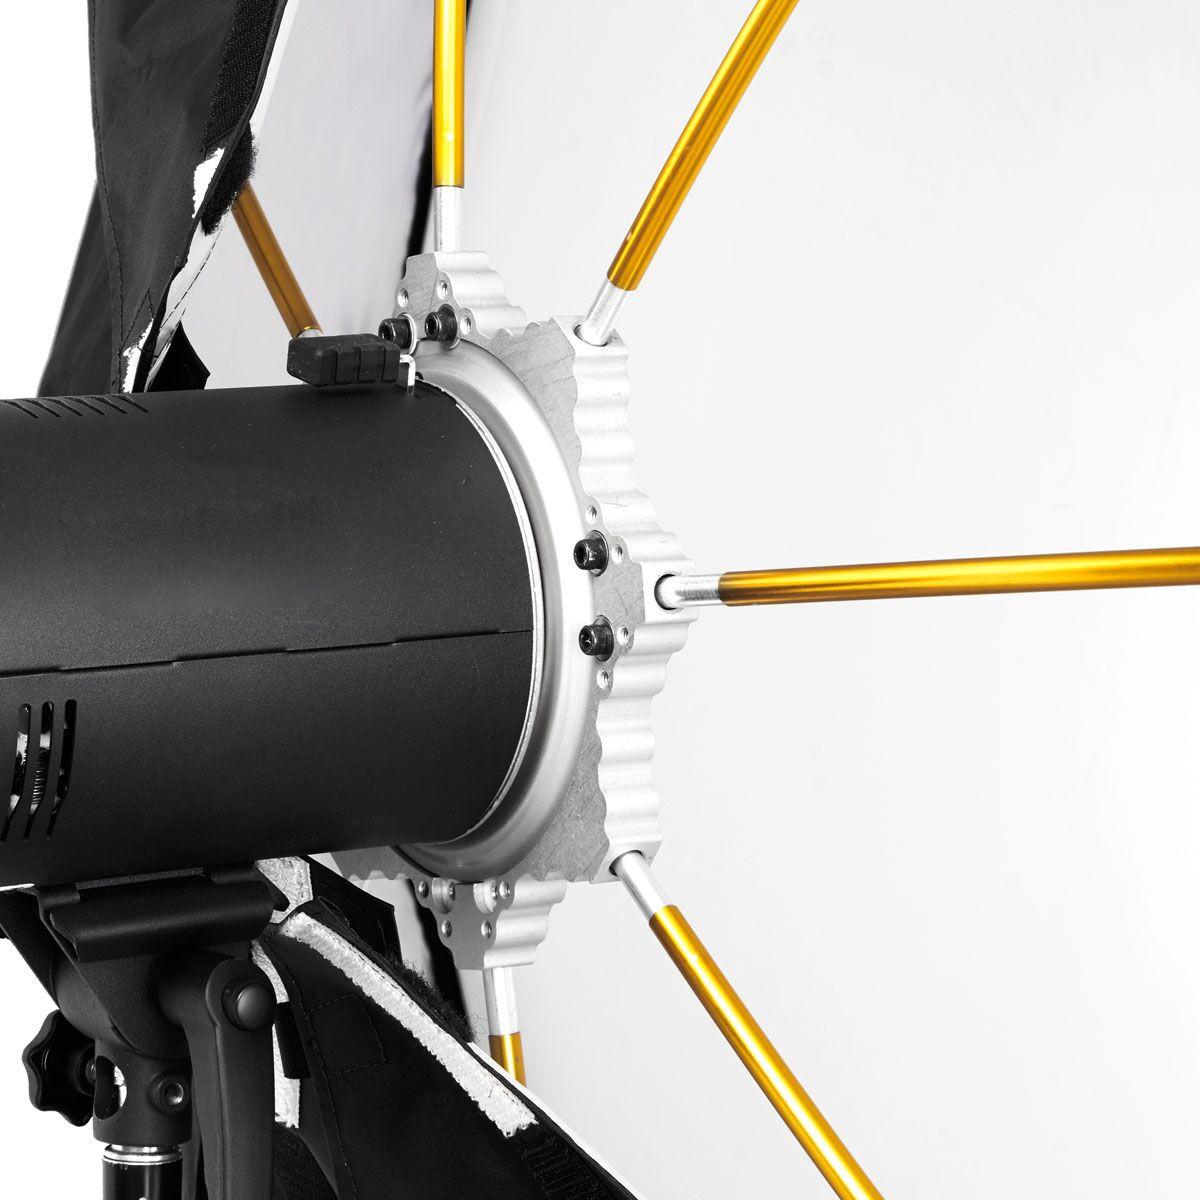 Chimera Lighting OcatSpace Lightbank 3 ft. Lightbank for Spacelite Jr 6230